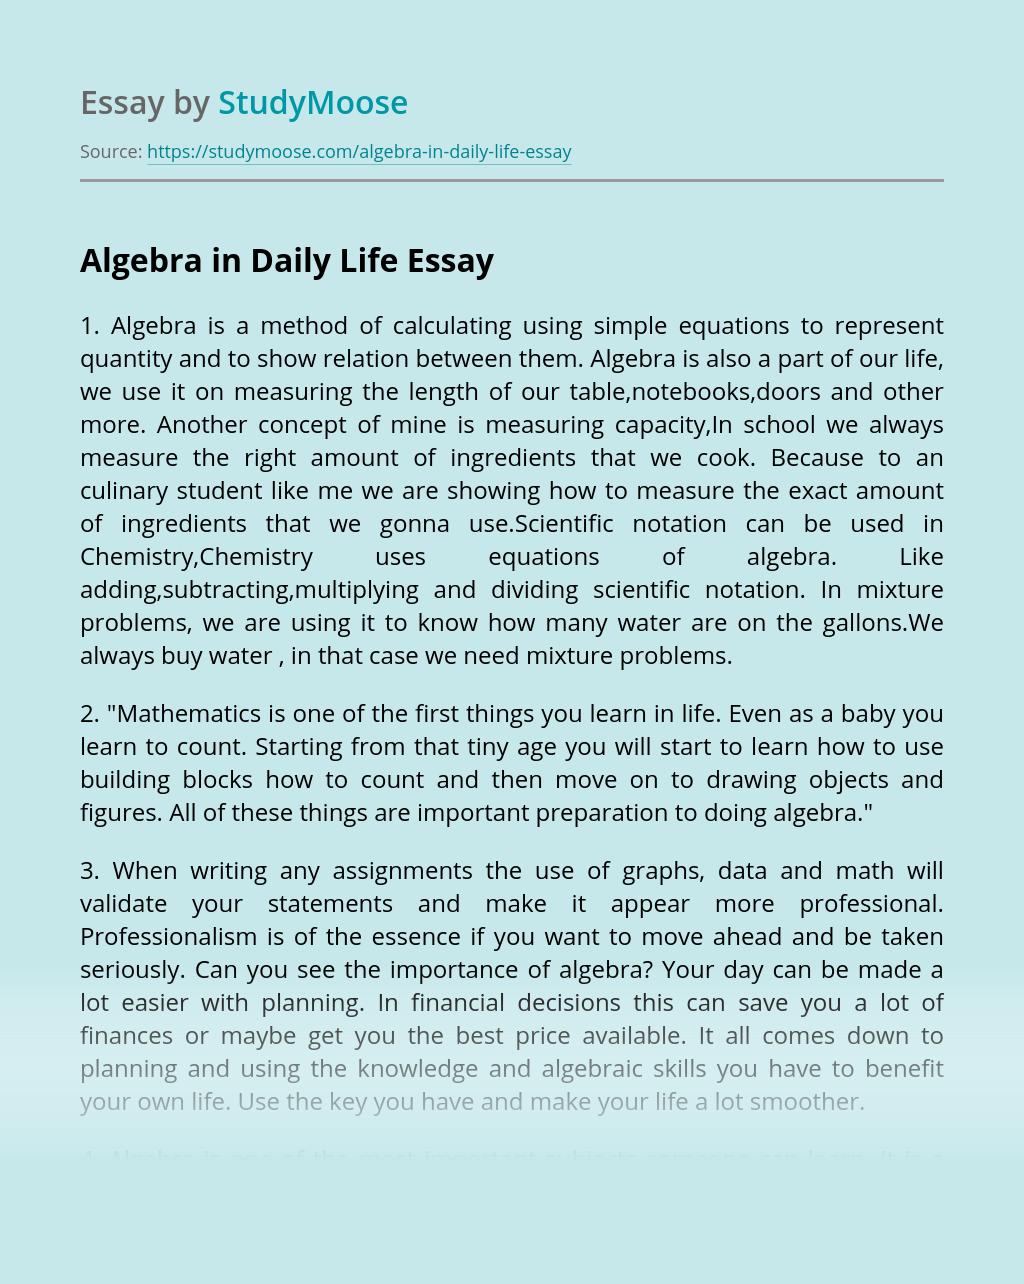 Algebra in Daily Life